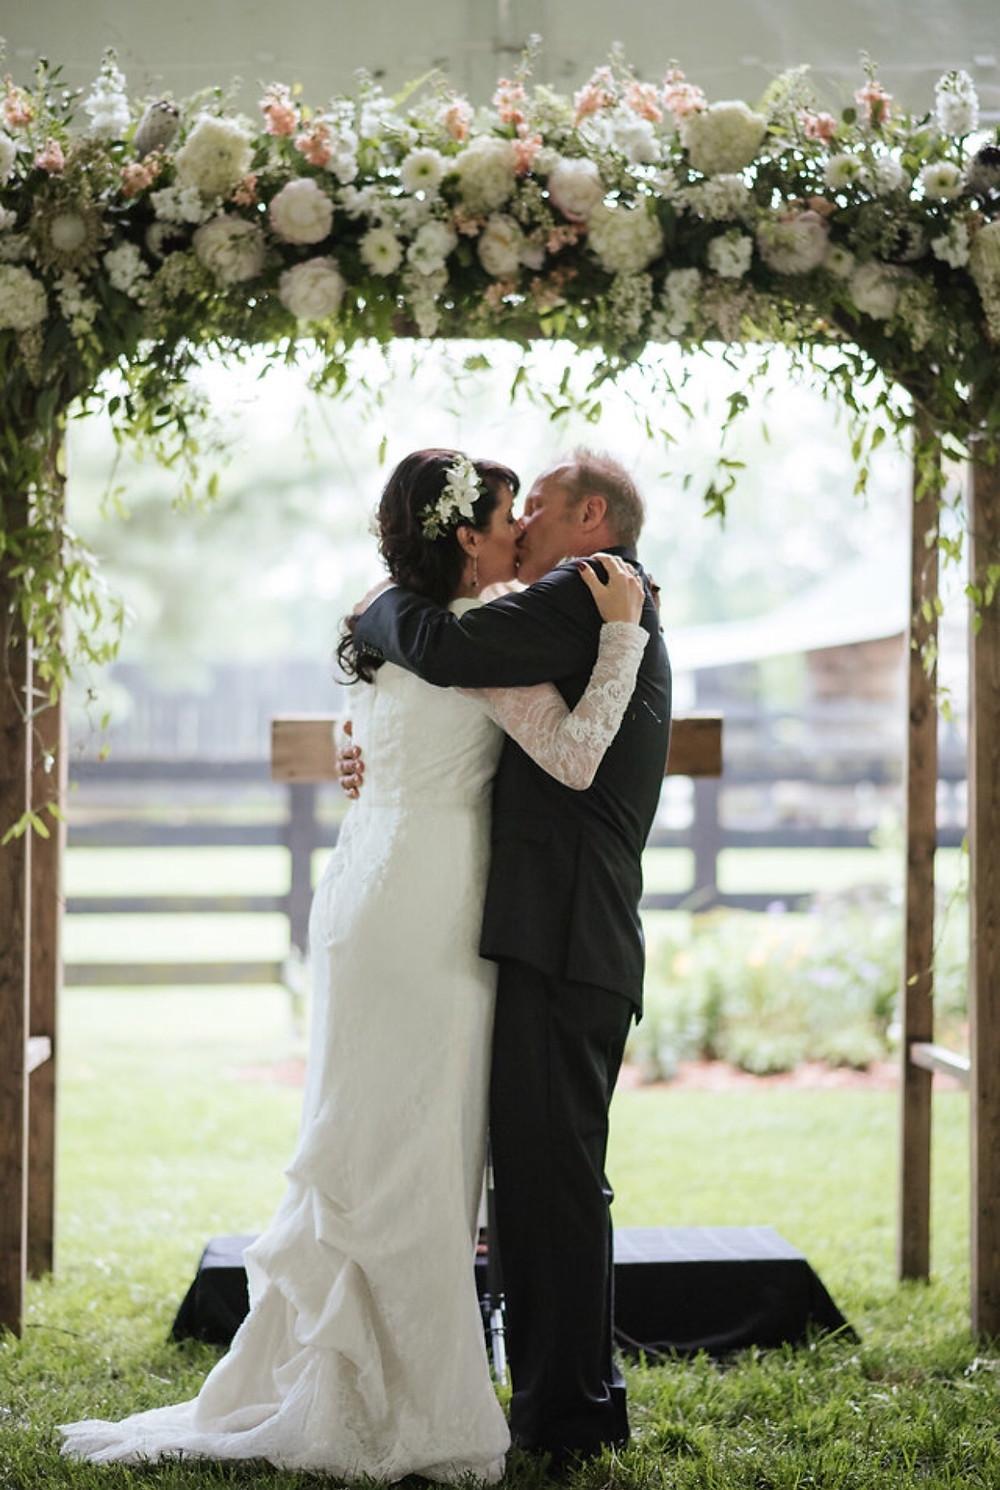 Franklin, TN Wedding + First Kiss